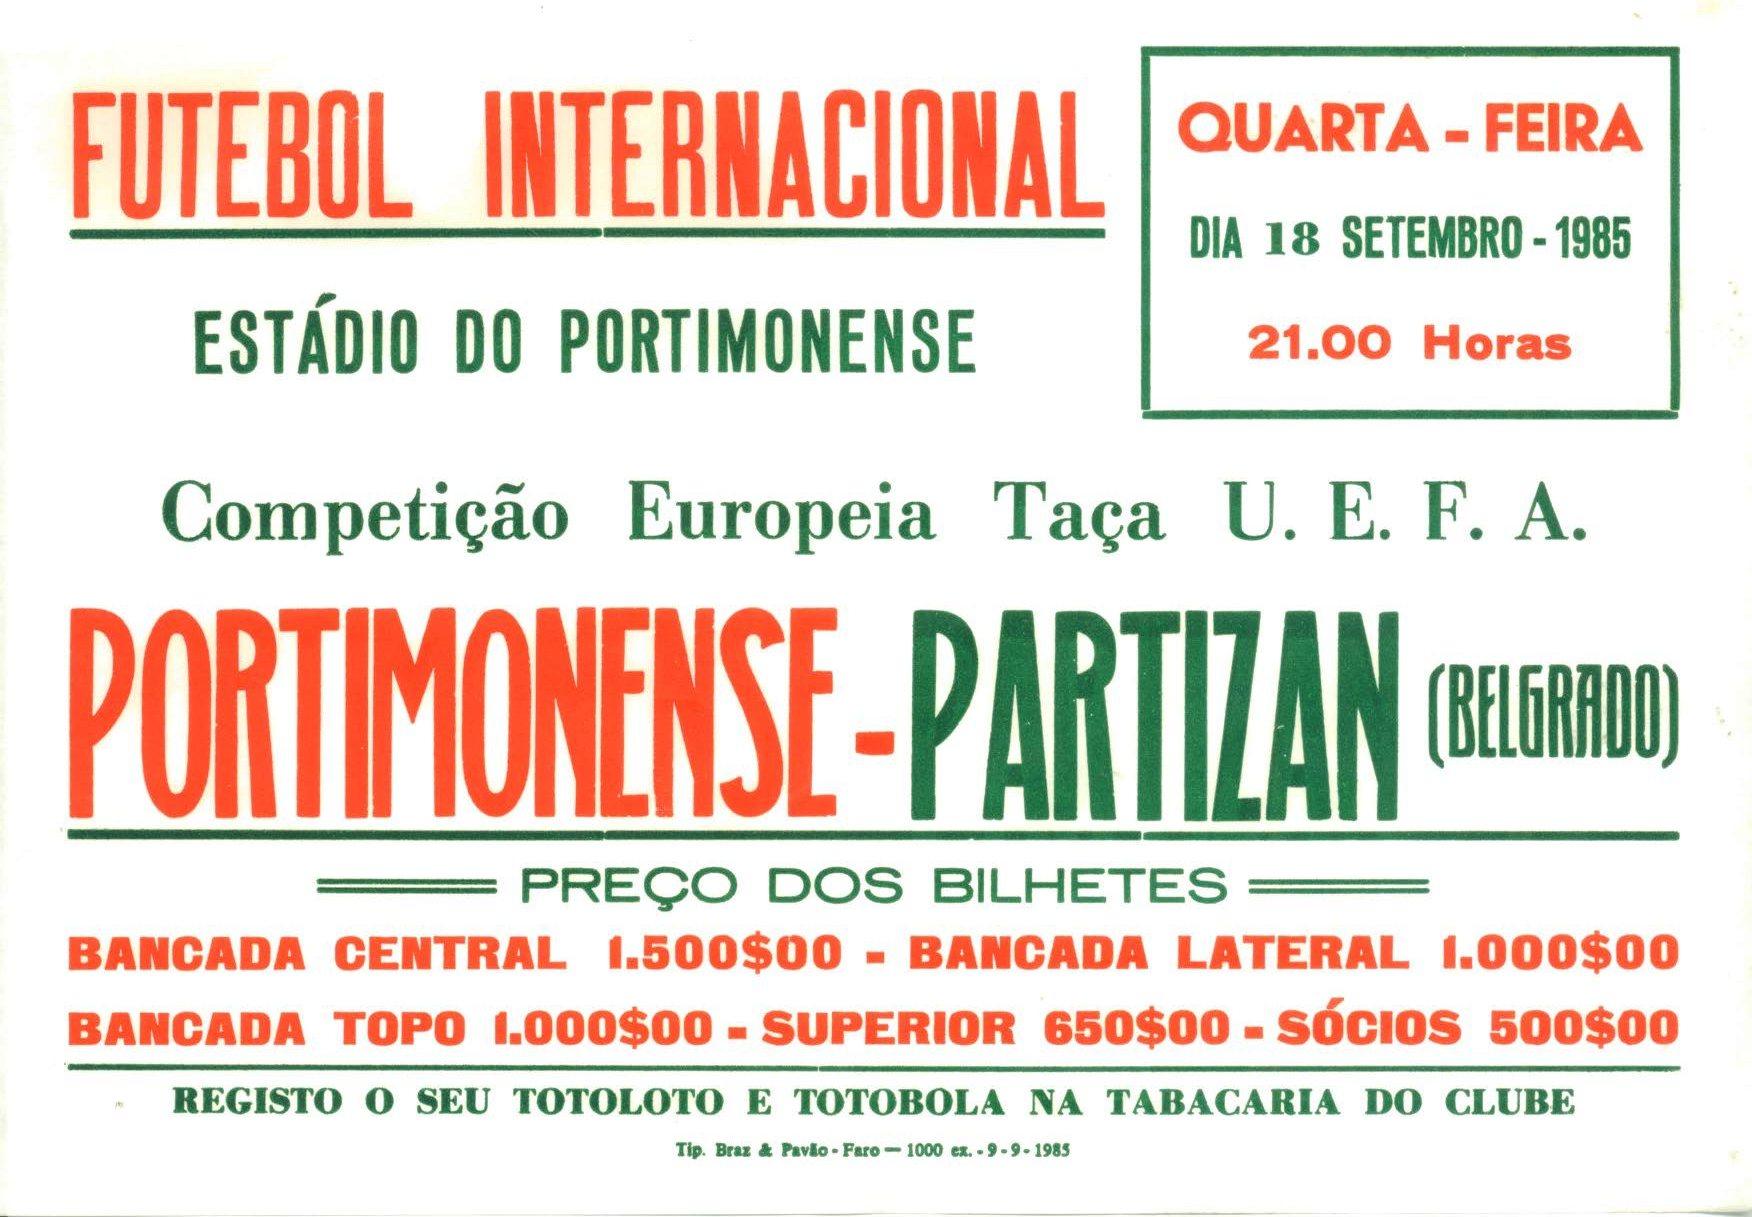 Futebol Europeu em Portimão